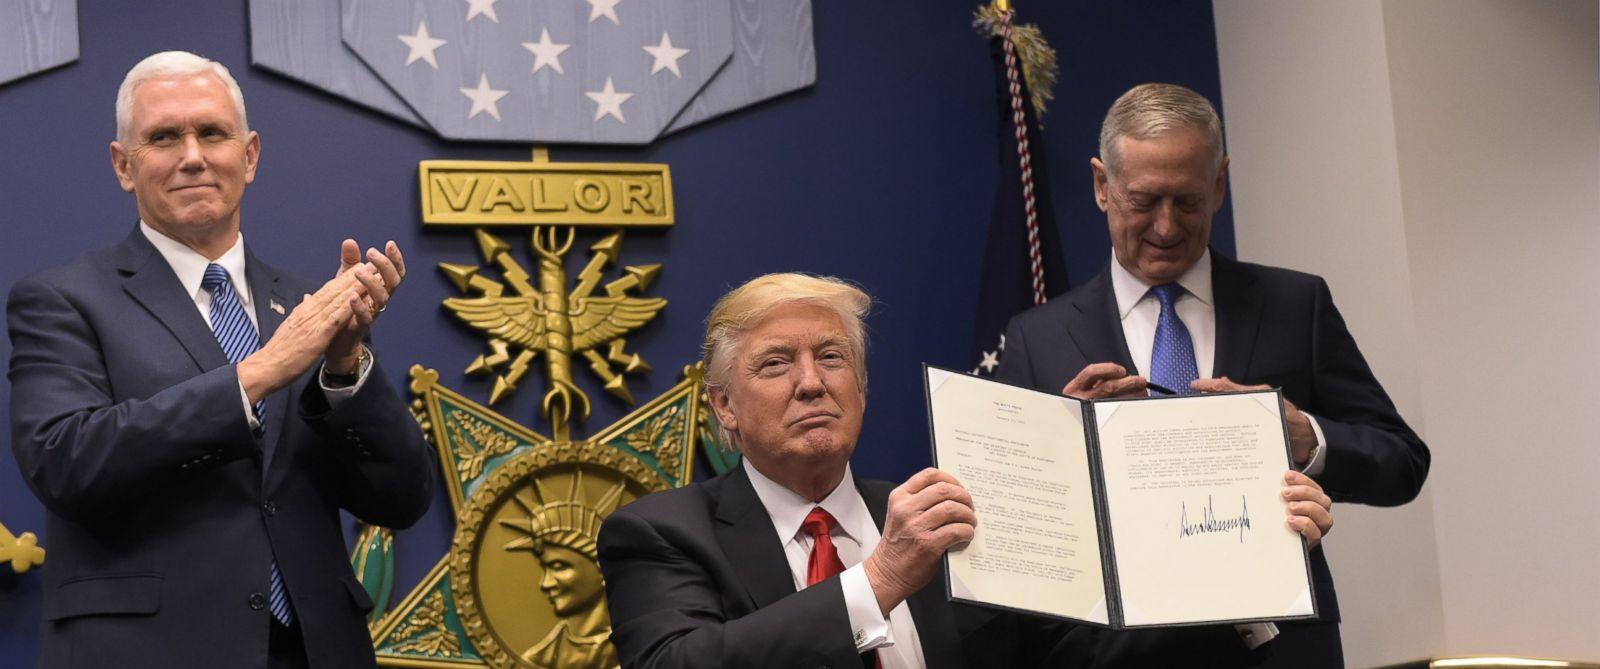 Donald Trump abandona un tratado de 144 años de correo con China